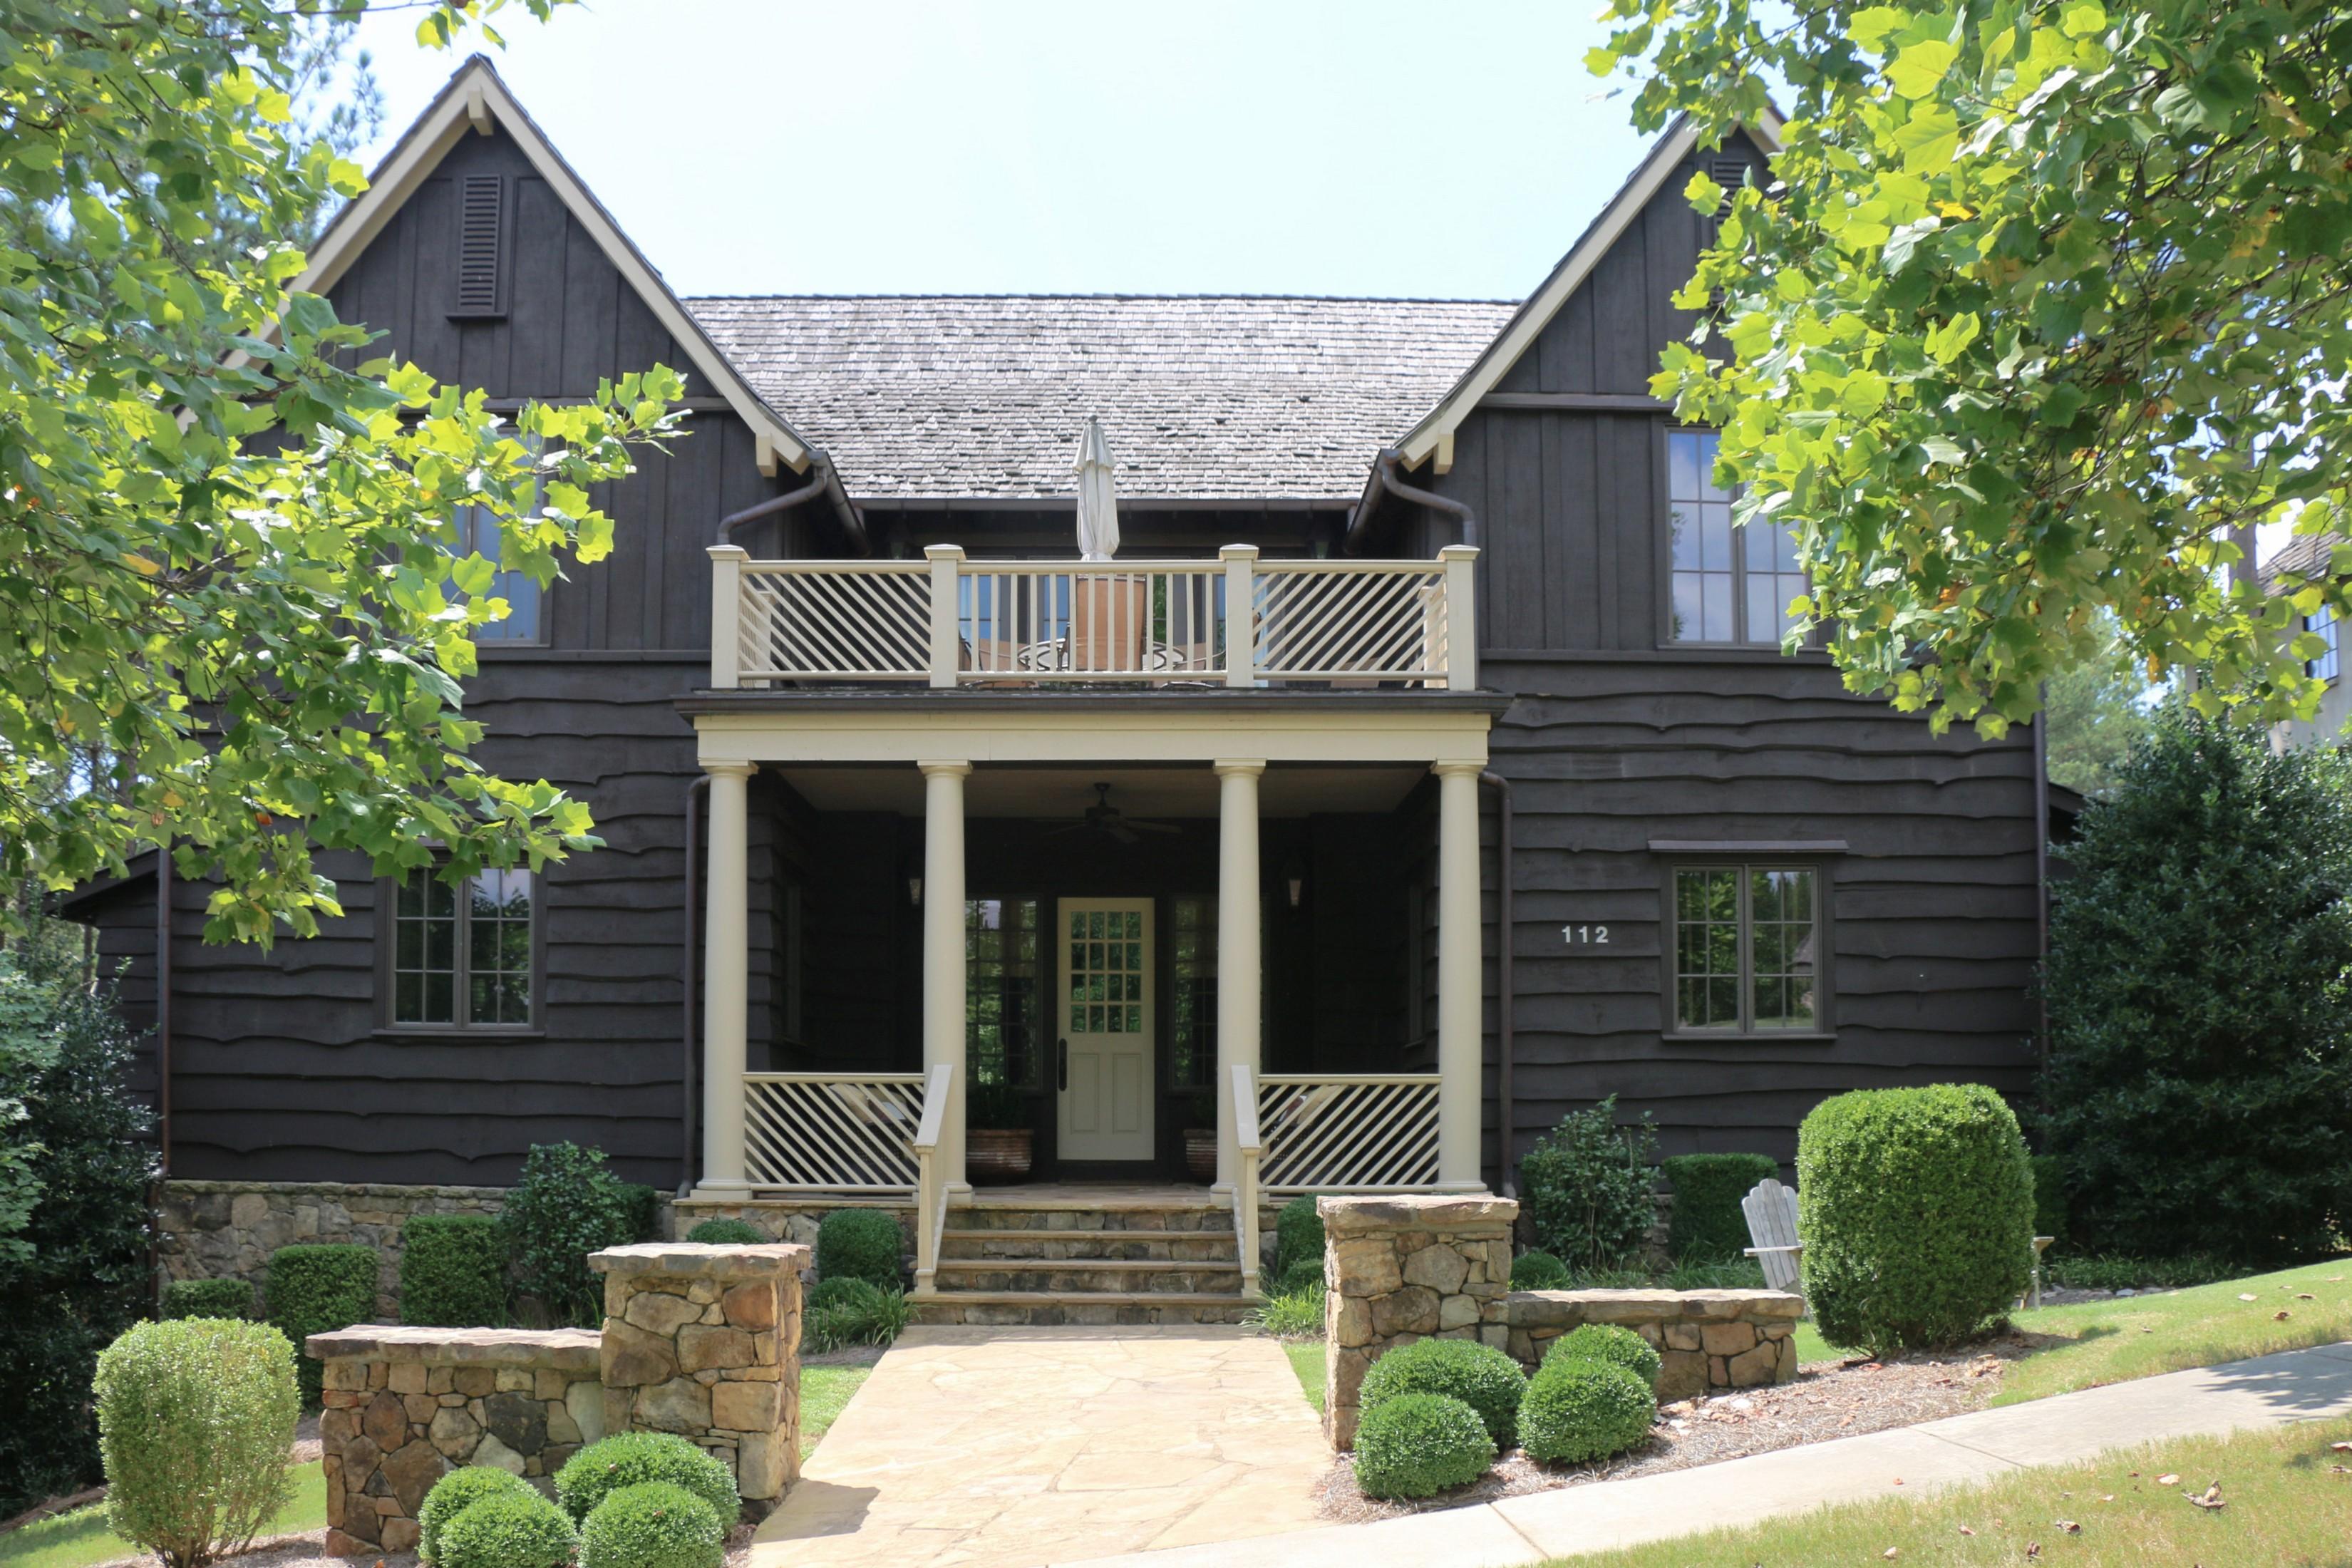 Villa per Vendita alle ore Summerour's Finest Inspiration on the Great Lawn 112 S. Lawn Drive The Reserve At Lake Keowee, Sunset, Carolina Del Sud, 29685 Stati Uniti